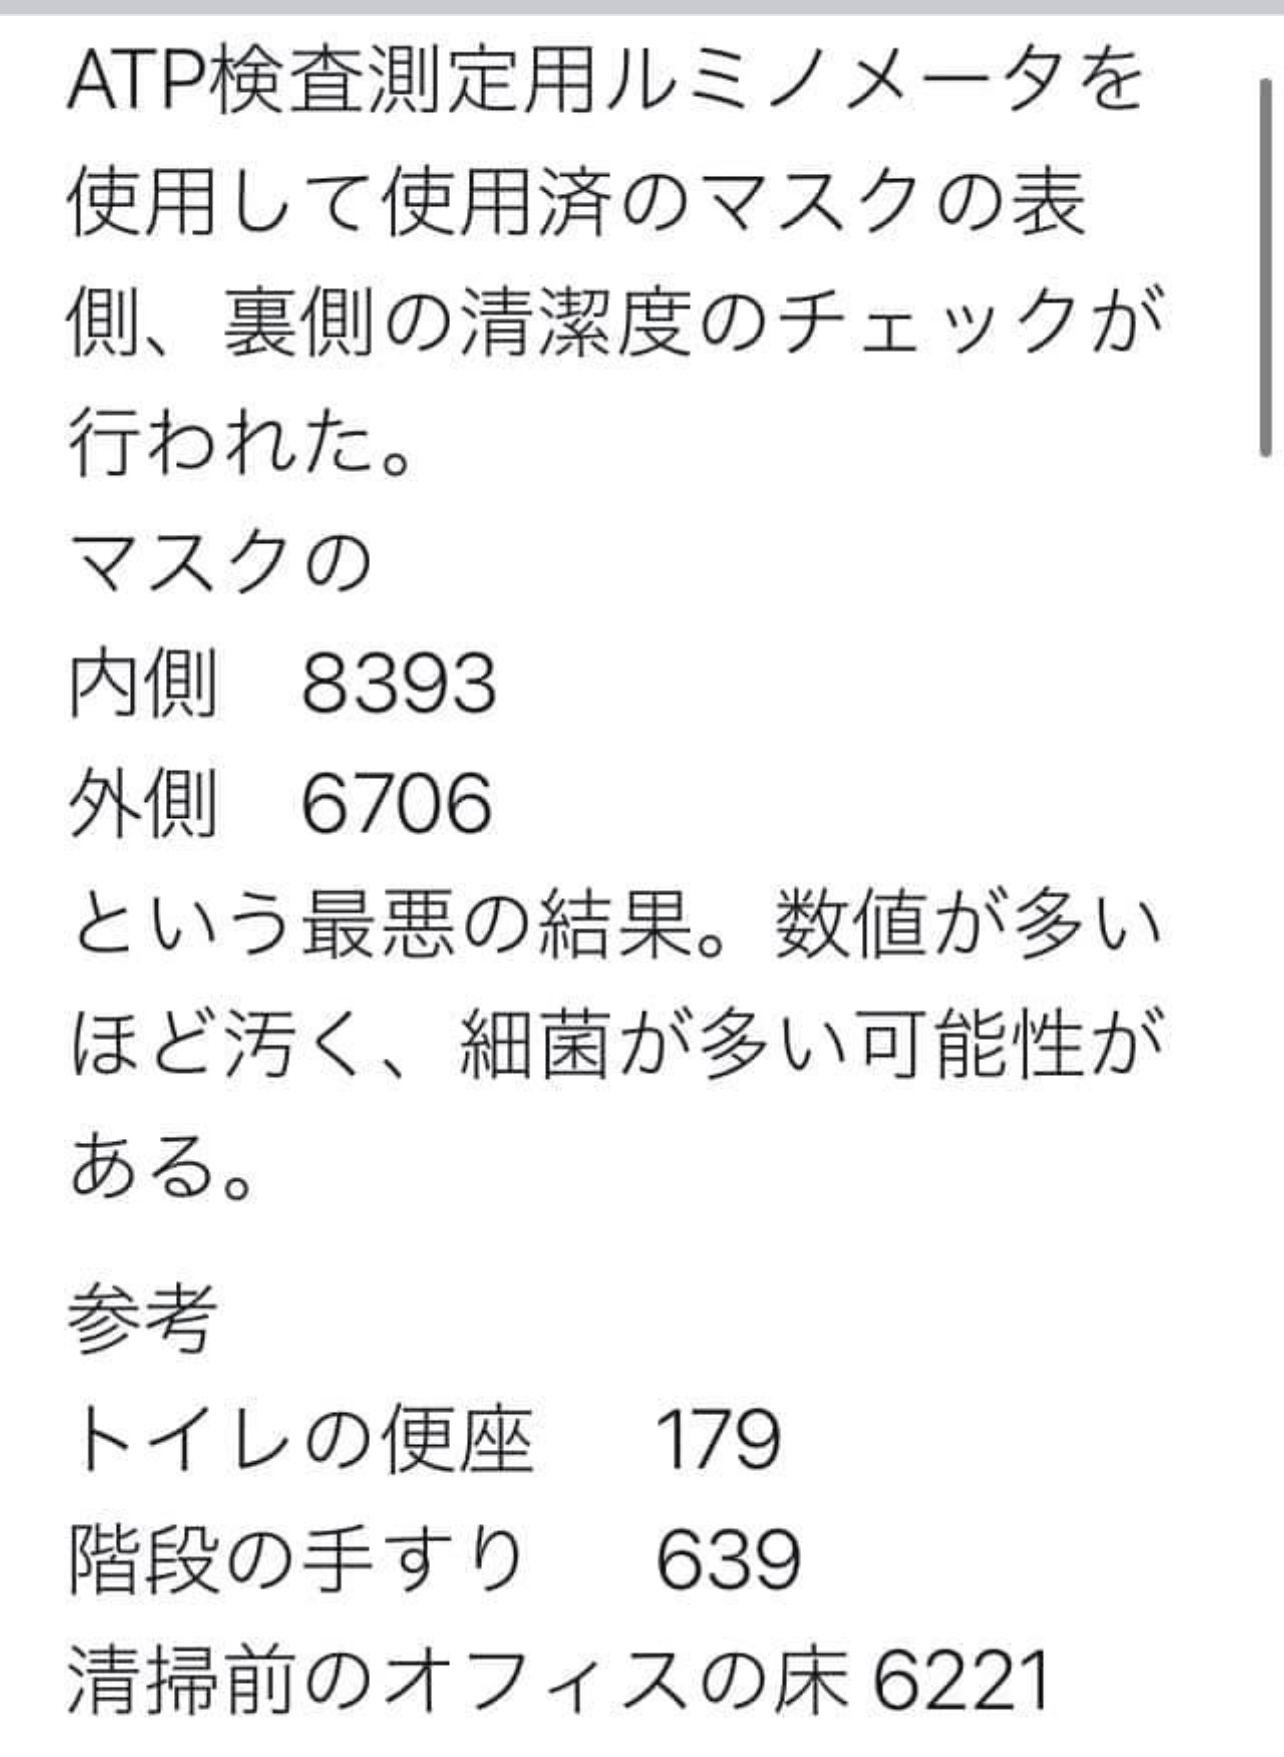 5A101C5F-DA44-4946-BDA7-AC8136CC7E5B